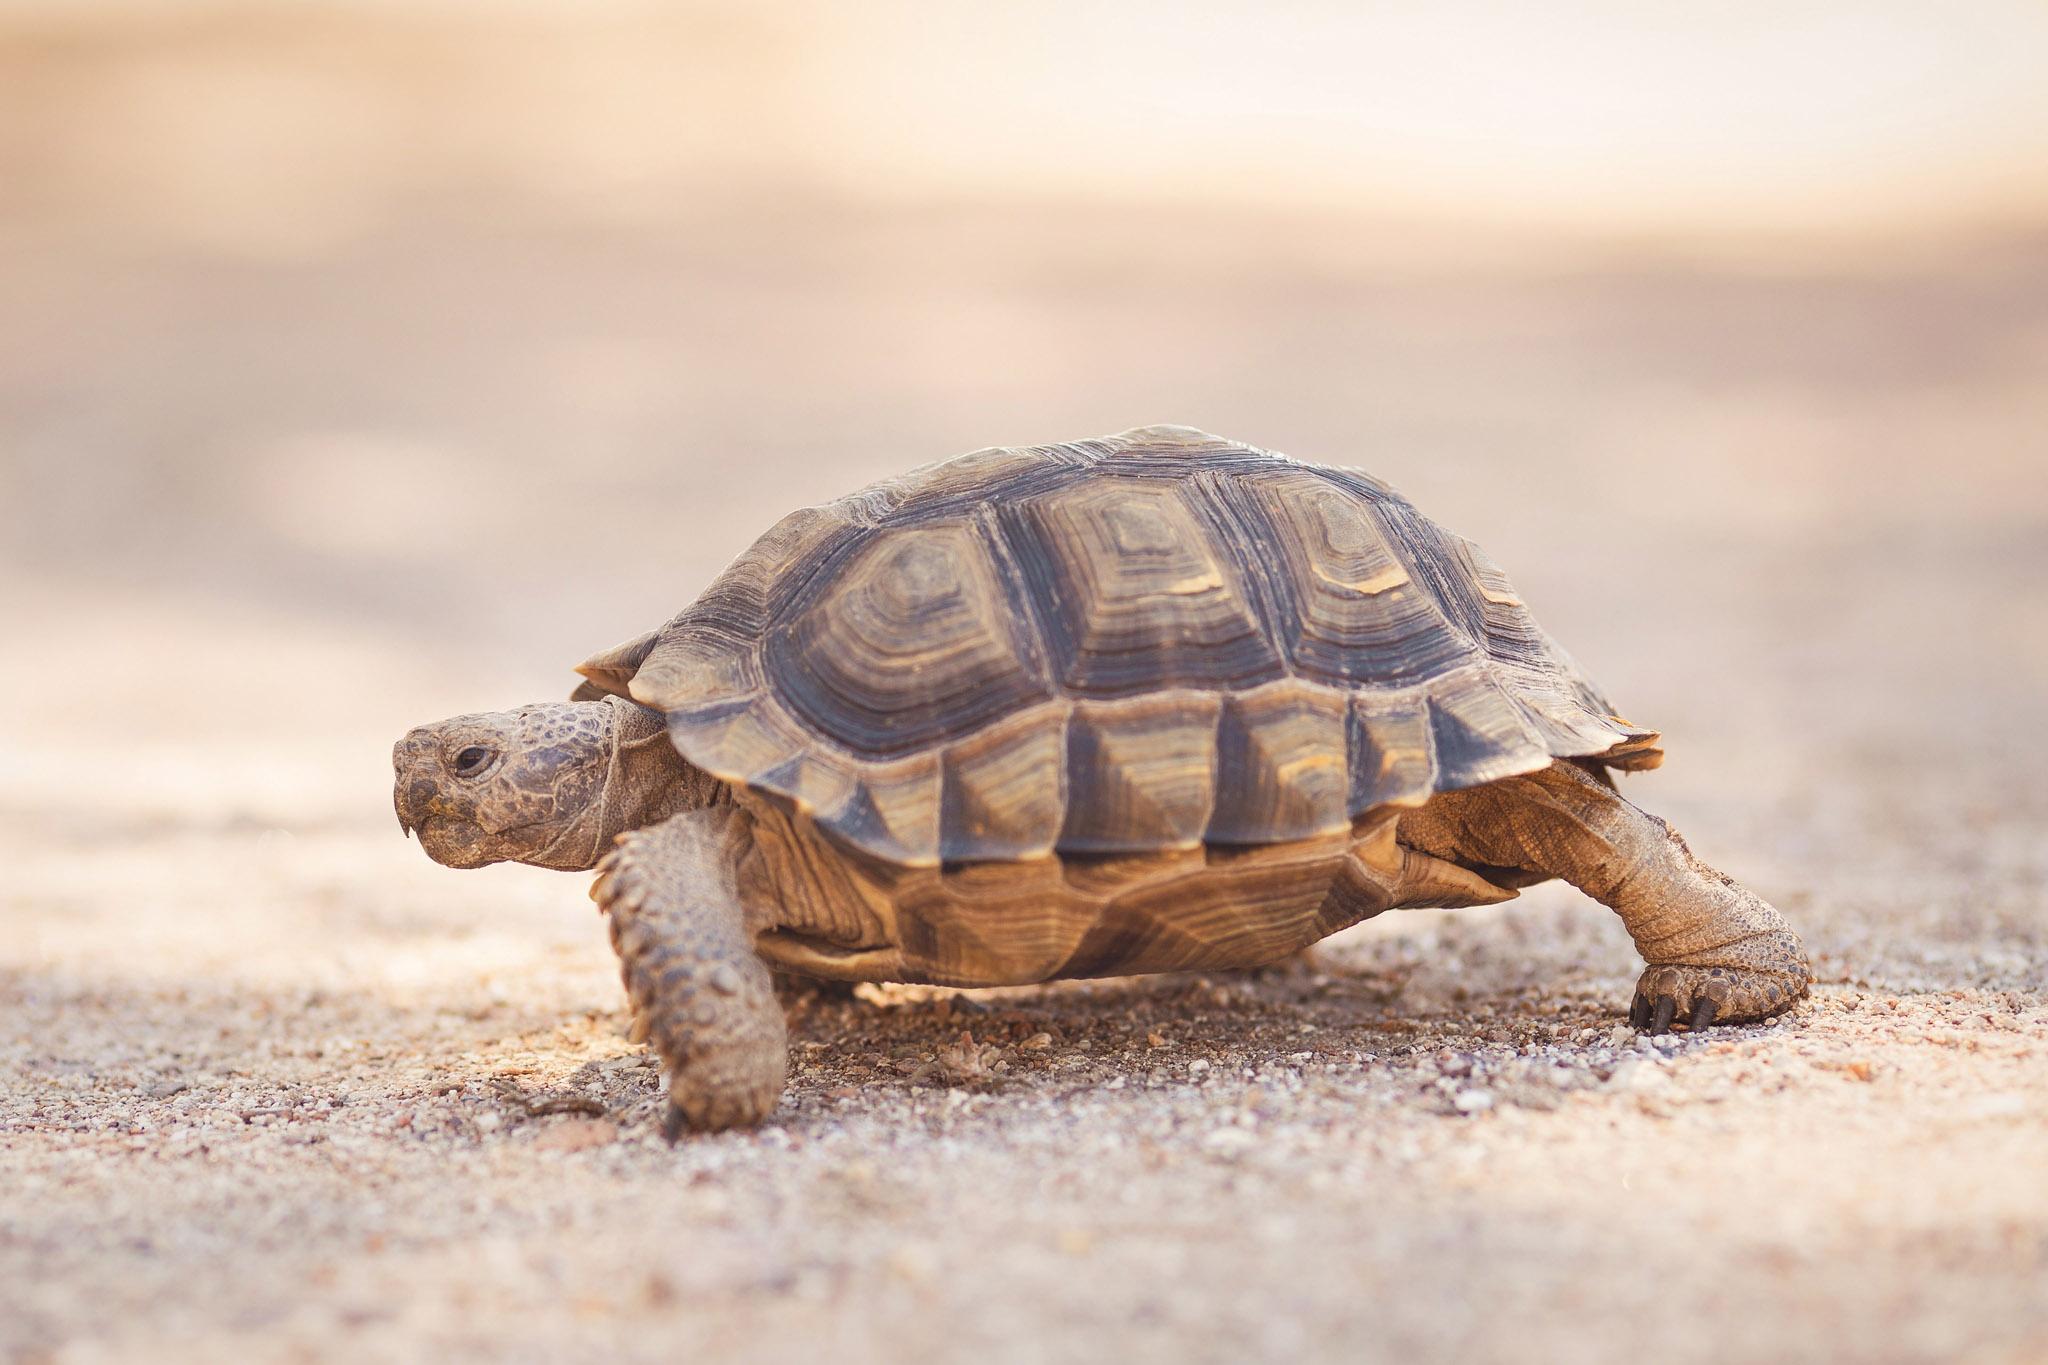 wedding-travellers-argentina-playas-doradas-turtle